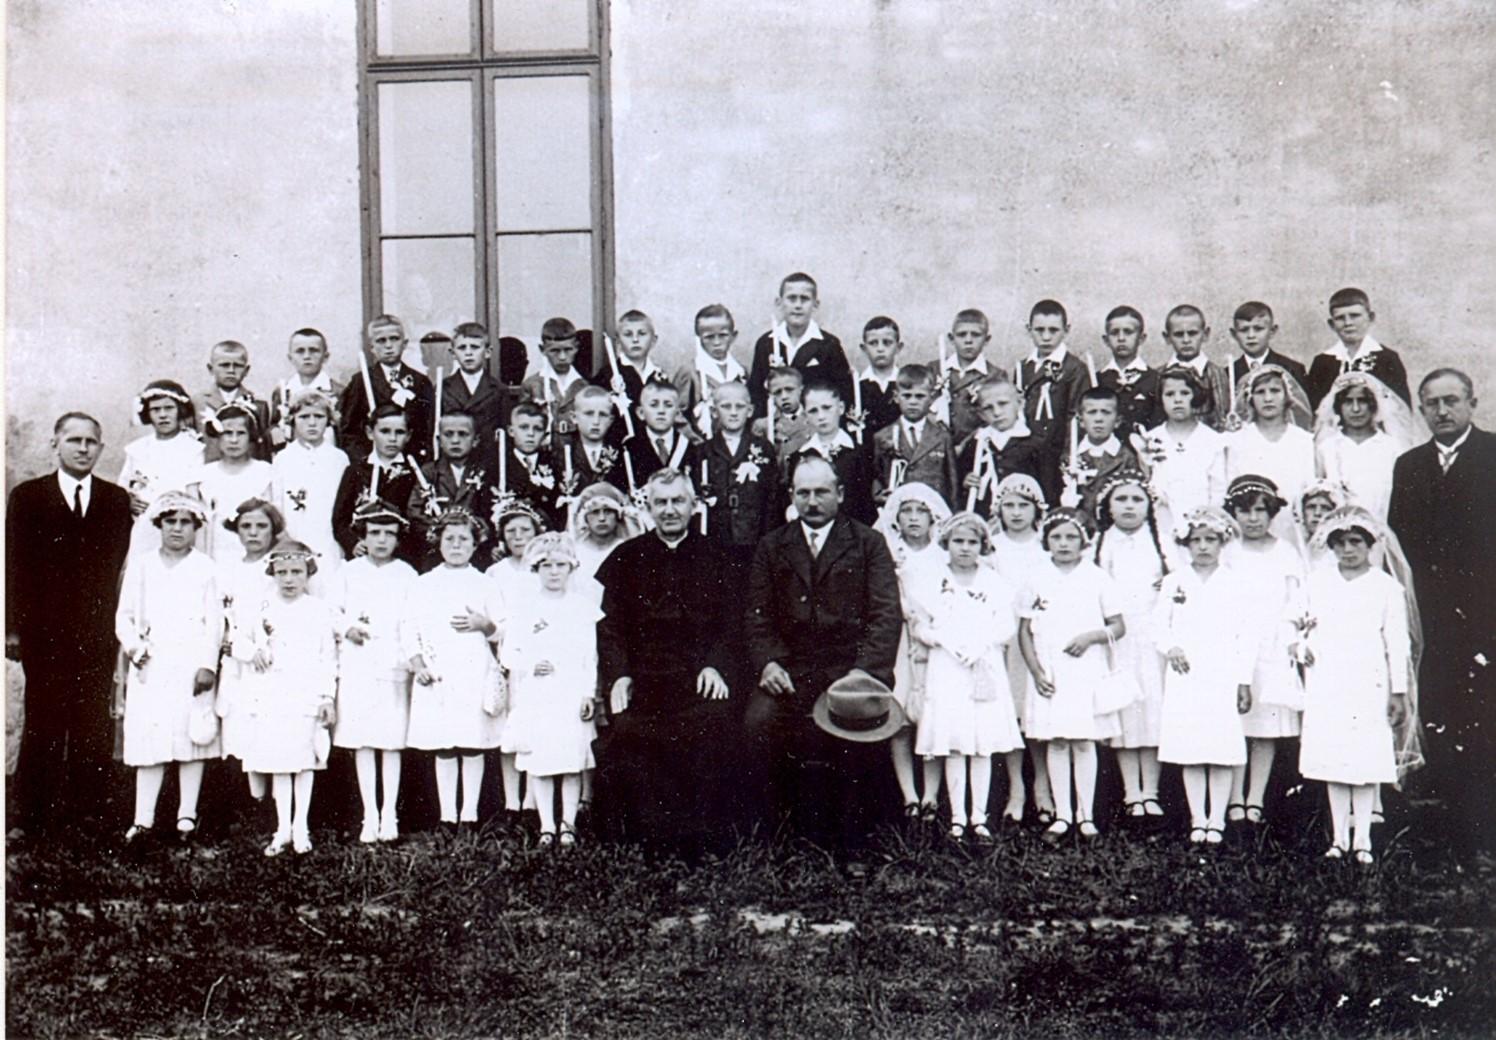 Svaté přijímání, Bratelsbrunn, ročník 1925 - zdroj: Sbírka Adelheid Wolf